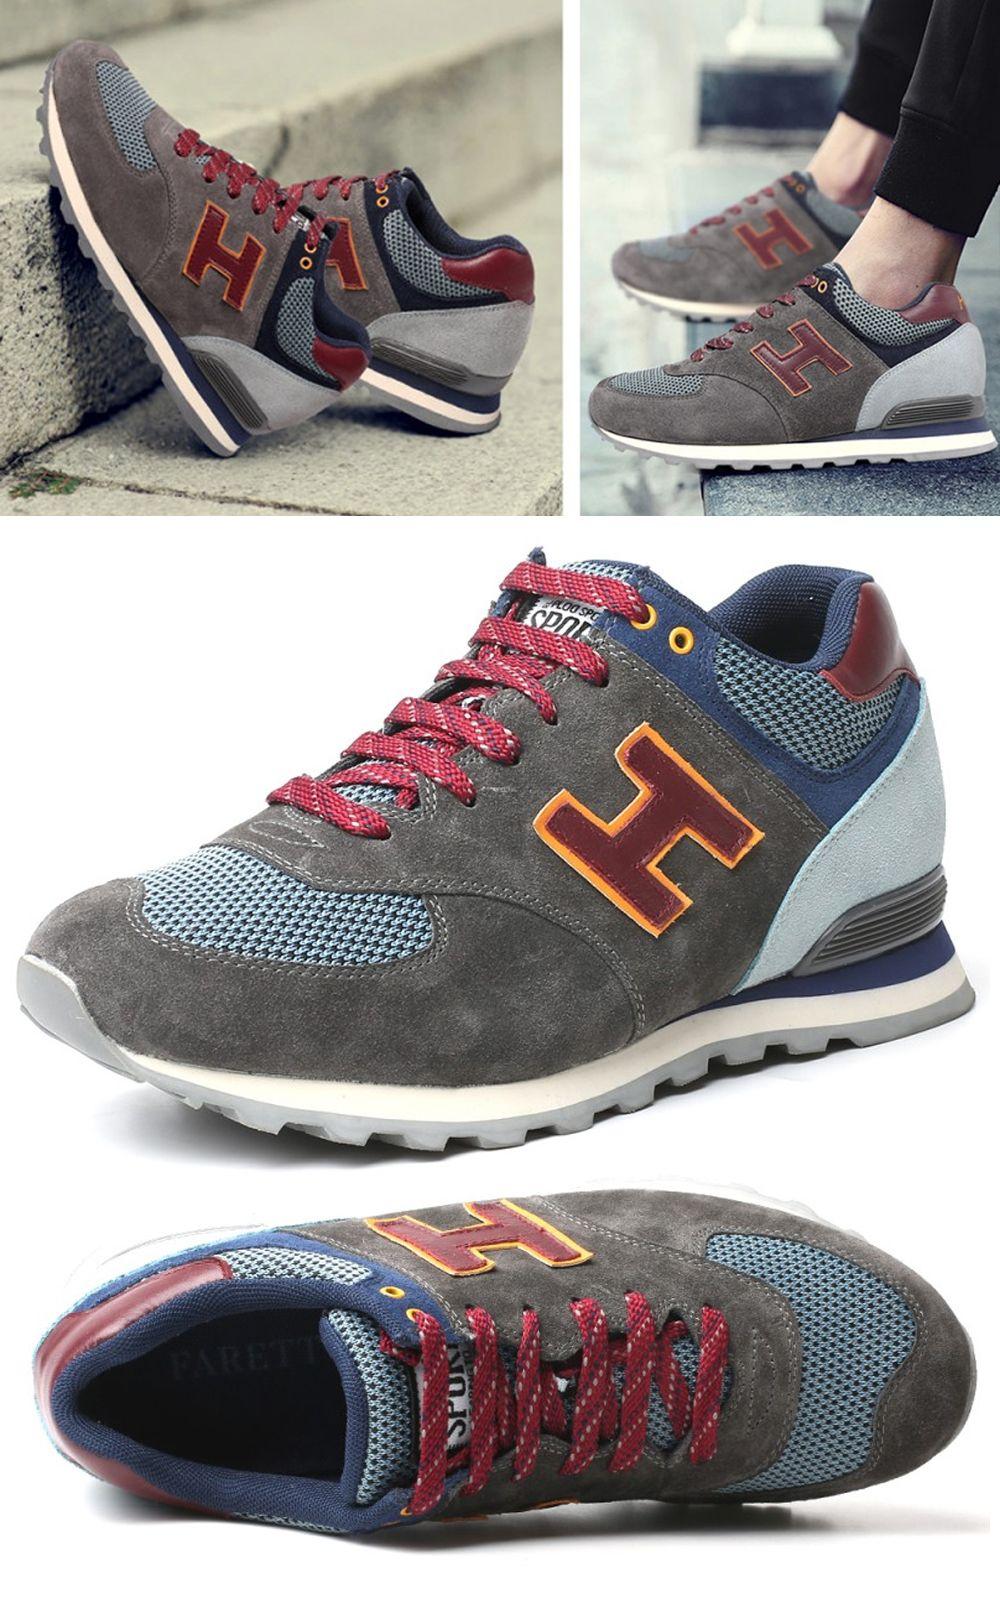 Zamszowe Modne Buty Meskie Sportowe Podwyzszajace O 7cm Wiazane Shoes Sneakers New Balance Sneaker